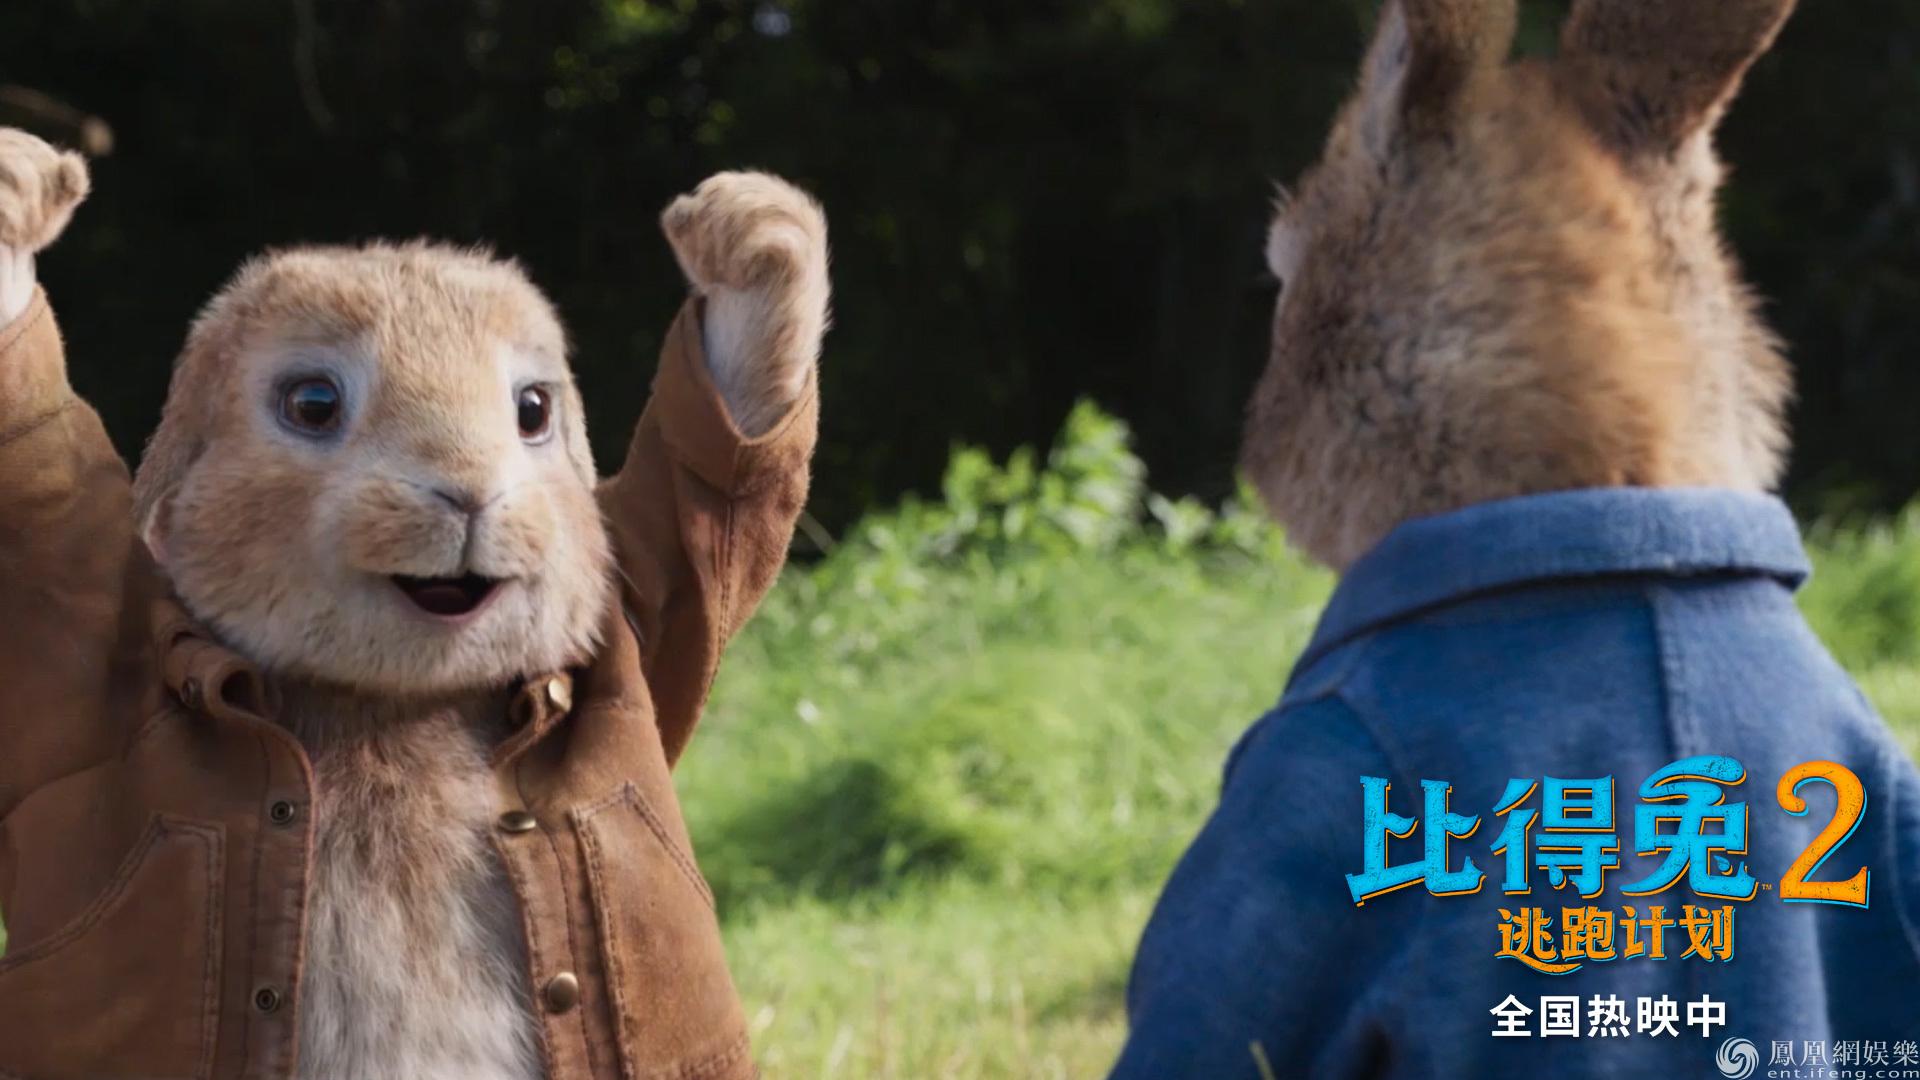 《比得兔2:逃跑计划》剧照